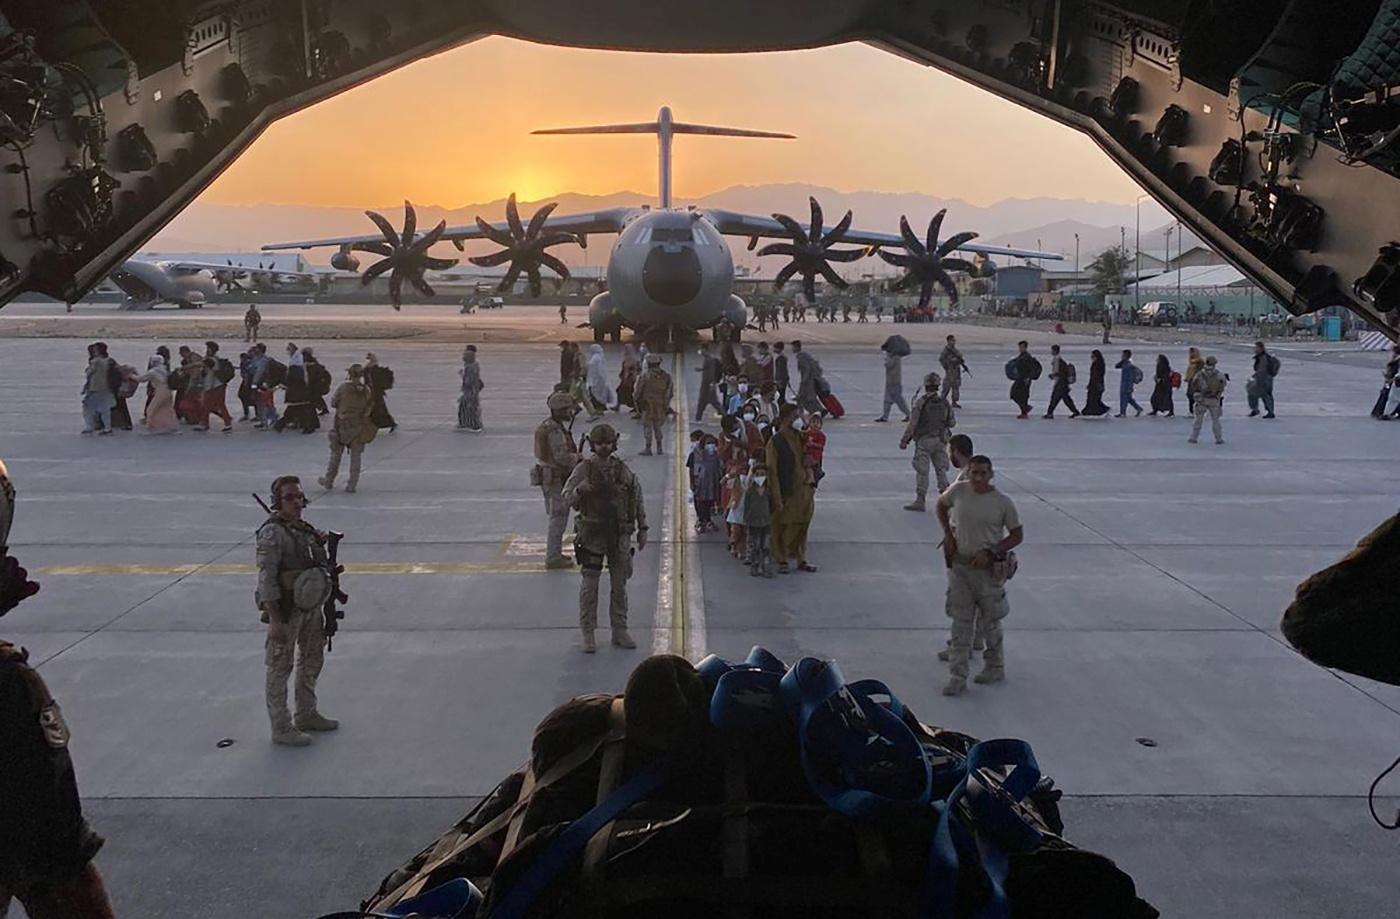 Μπάιντεν για Αφγανιστάν: Η αποχώρηση των στατιωτών μας ήταν η καλύτερη απόφαση